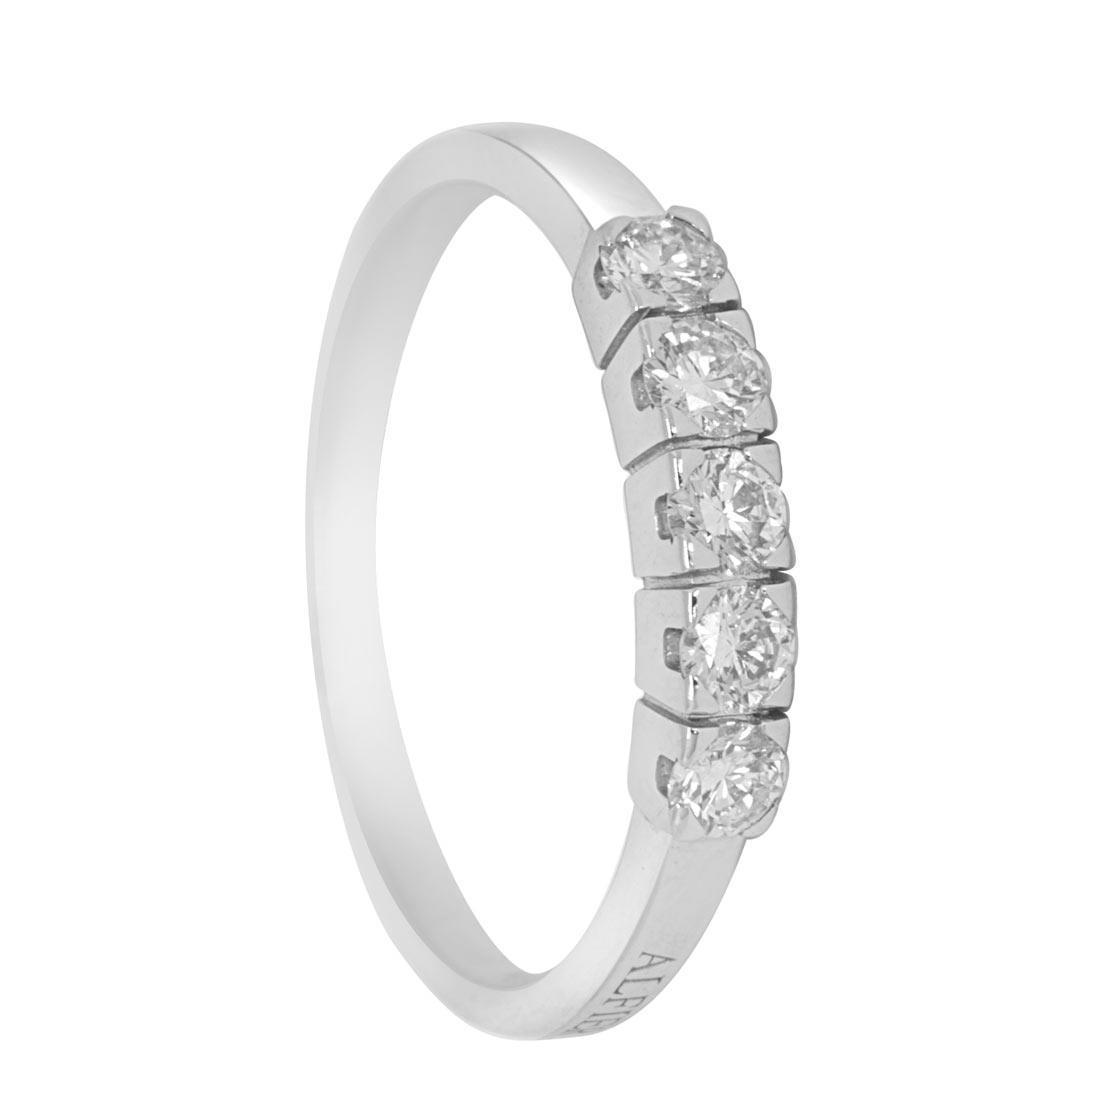 Anello in oro bianco con diamanti ct 0.40 misura 15 - ALFIERI & ST. JOHN